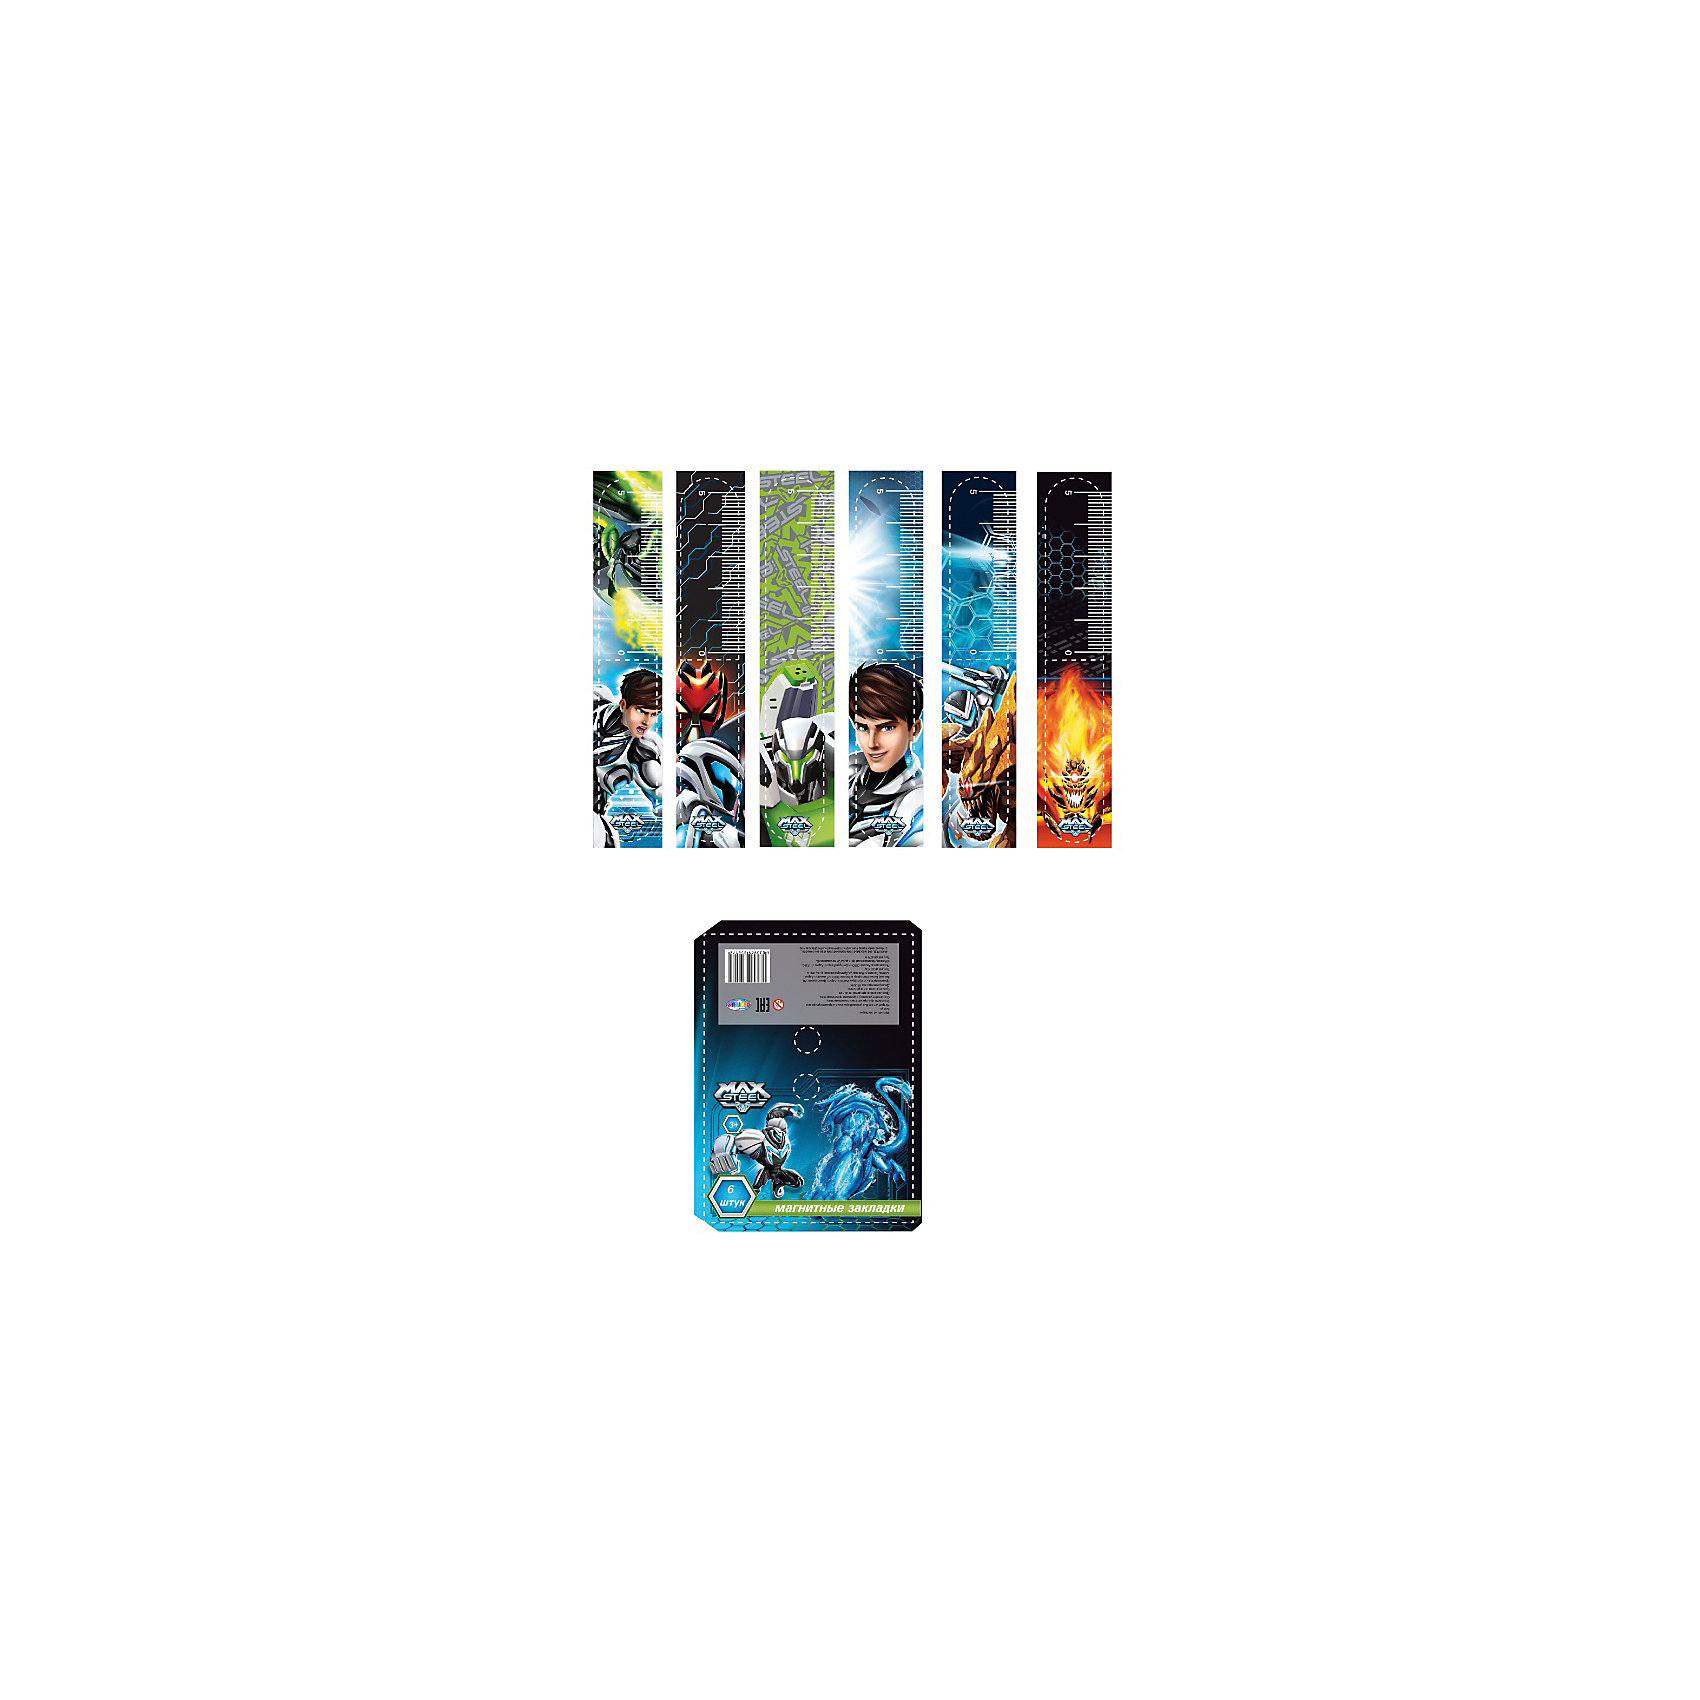 Магнитные закладки (6 шт), Max SteelМагнитные закладки (6 шт), Max Steel (Макс Стил) - это яркие веселые закладки с изображением любимых героев мультсериала о Максе Стиле.<br>Закладки магнитные, Max Steel (Макс Стил) порадуют маленьких поклонников мультфильма. Магнитные закладки представляют собой сложенную пополам полосу, которую надежно фиксируют по обеим сторонам страницы сверху или сбоку. Магнитные закладки для книг не выпадут из книги, даже если ребенок ее случайно уронит.<br><br>Дополнительная информация:<br><br>- В наборе: закладки магнитно-пластиковые 6 штук<br>- Размер упаковки: 2 х 70 х 170 мм.<br>- Вес: 100 гр.<br><br>Магнитные закладки (6 шт), Max Steel (Макс Стил) можно купить в нашем интернет-магазине.<br><br>Ширина мм: 2<br>Глубина мм: 70<br>Высота мм: 170<br>Вес г: 100<br>Возраст от месяцев: 36<br>Возраст до месяцев: 168<br>Пол: Мужской<br>Возраст: Детский<br>SKU: 4017804